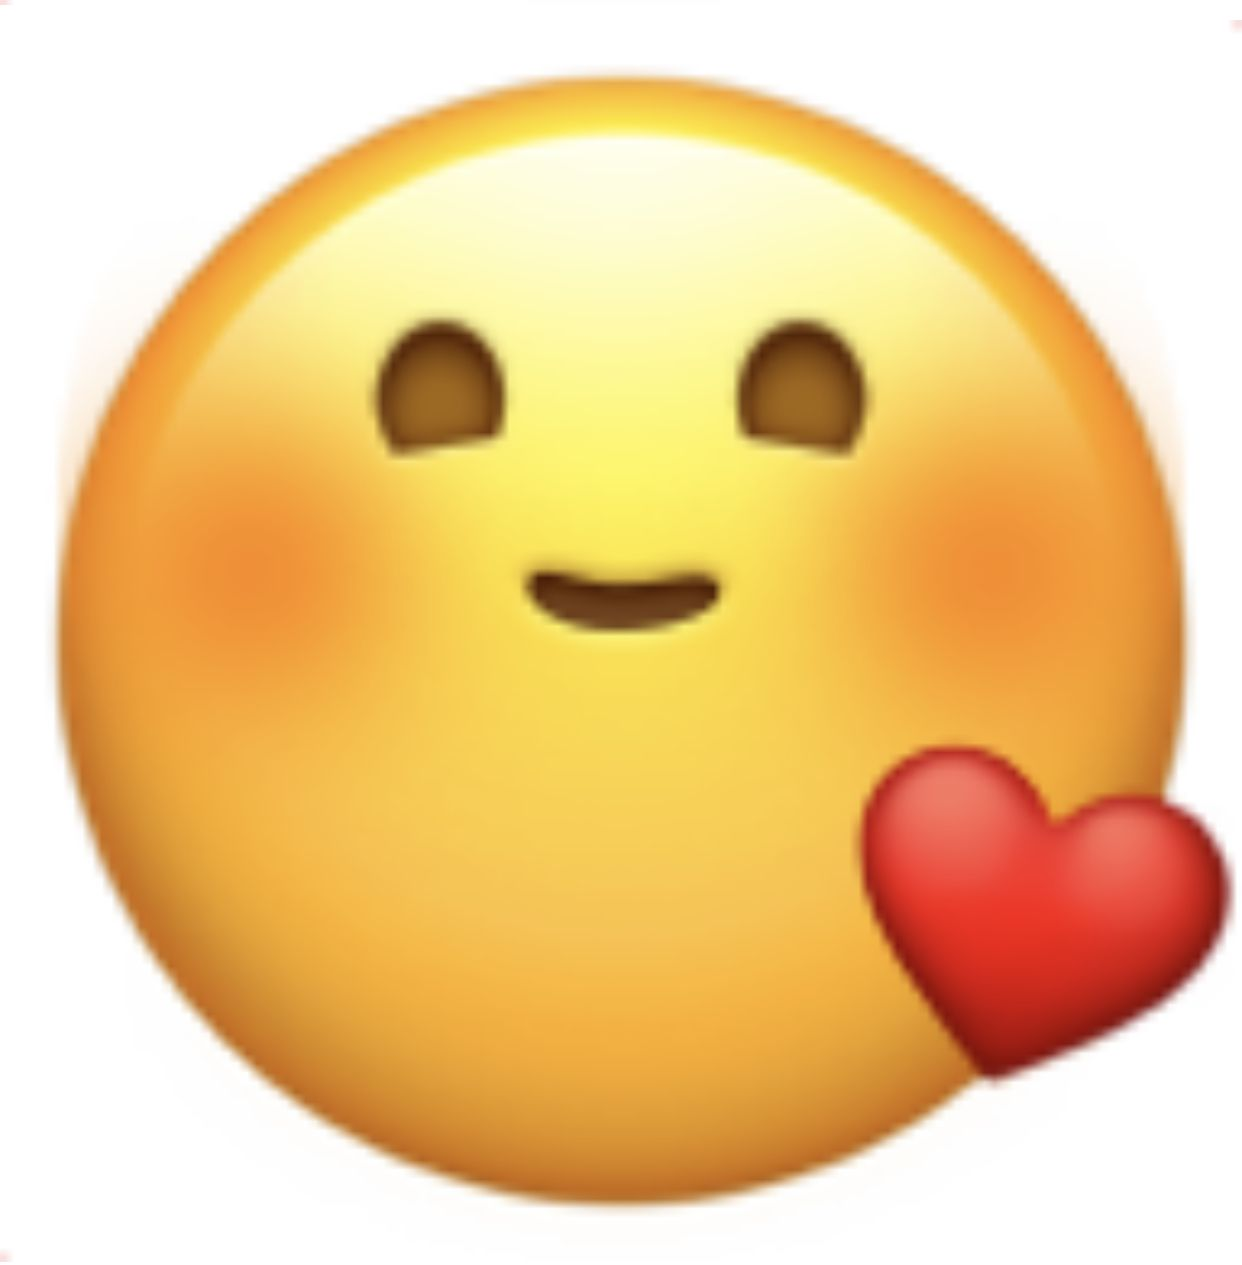 𝒽𝒾𝓈𝓉𝑜𝓇𝓎𝒷𝒶𝒷𝑒 Emoji Meme Cute Memes Cute Love Memes